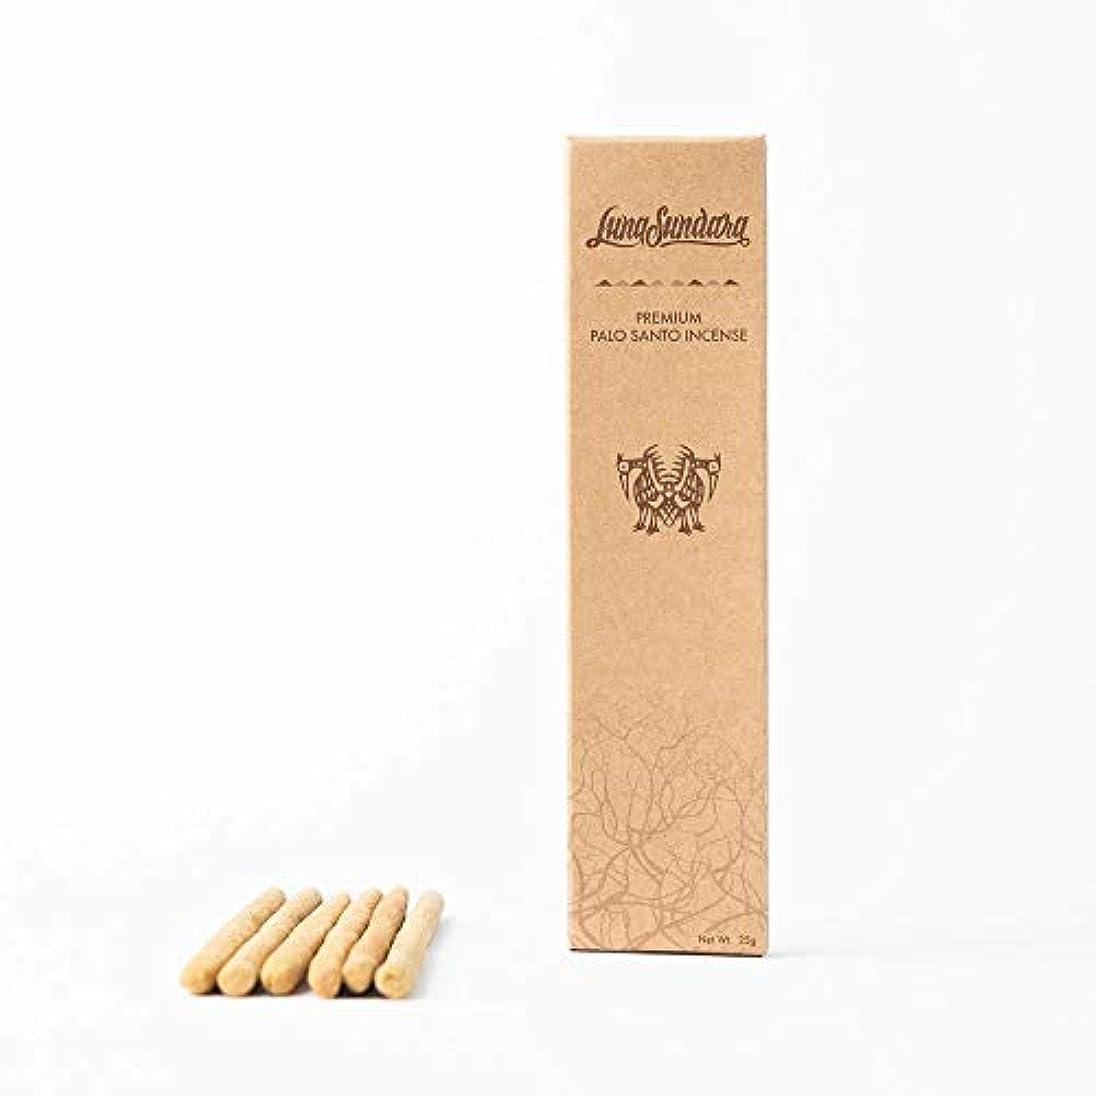 運命的な永遠の適性ルナスンダラ (Luna Sundara) Premium Palo Santo Hand Rolled Incense Sticks プレミアム パロサント ハンドロールインセンスお香[6本入りBOX]